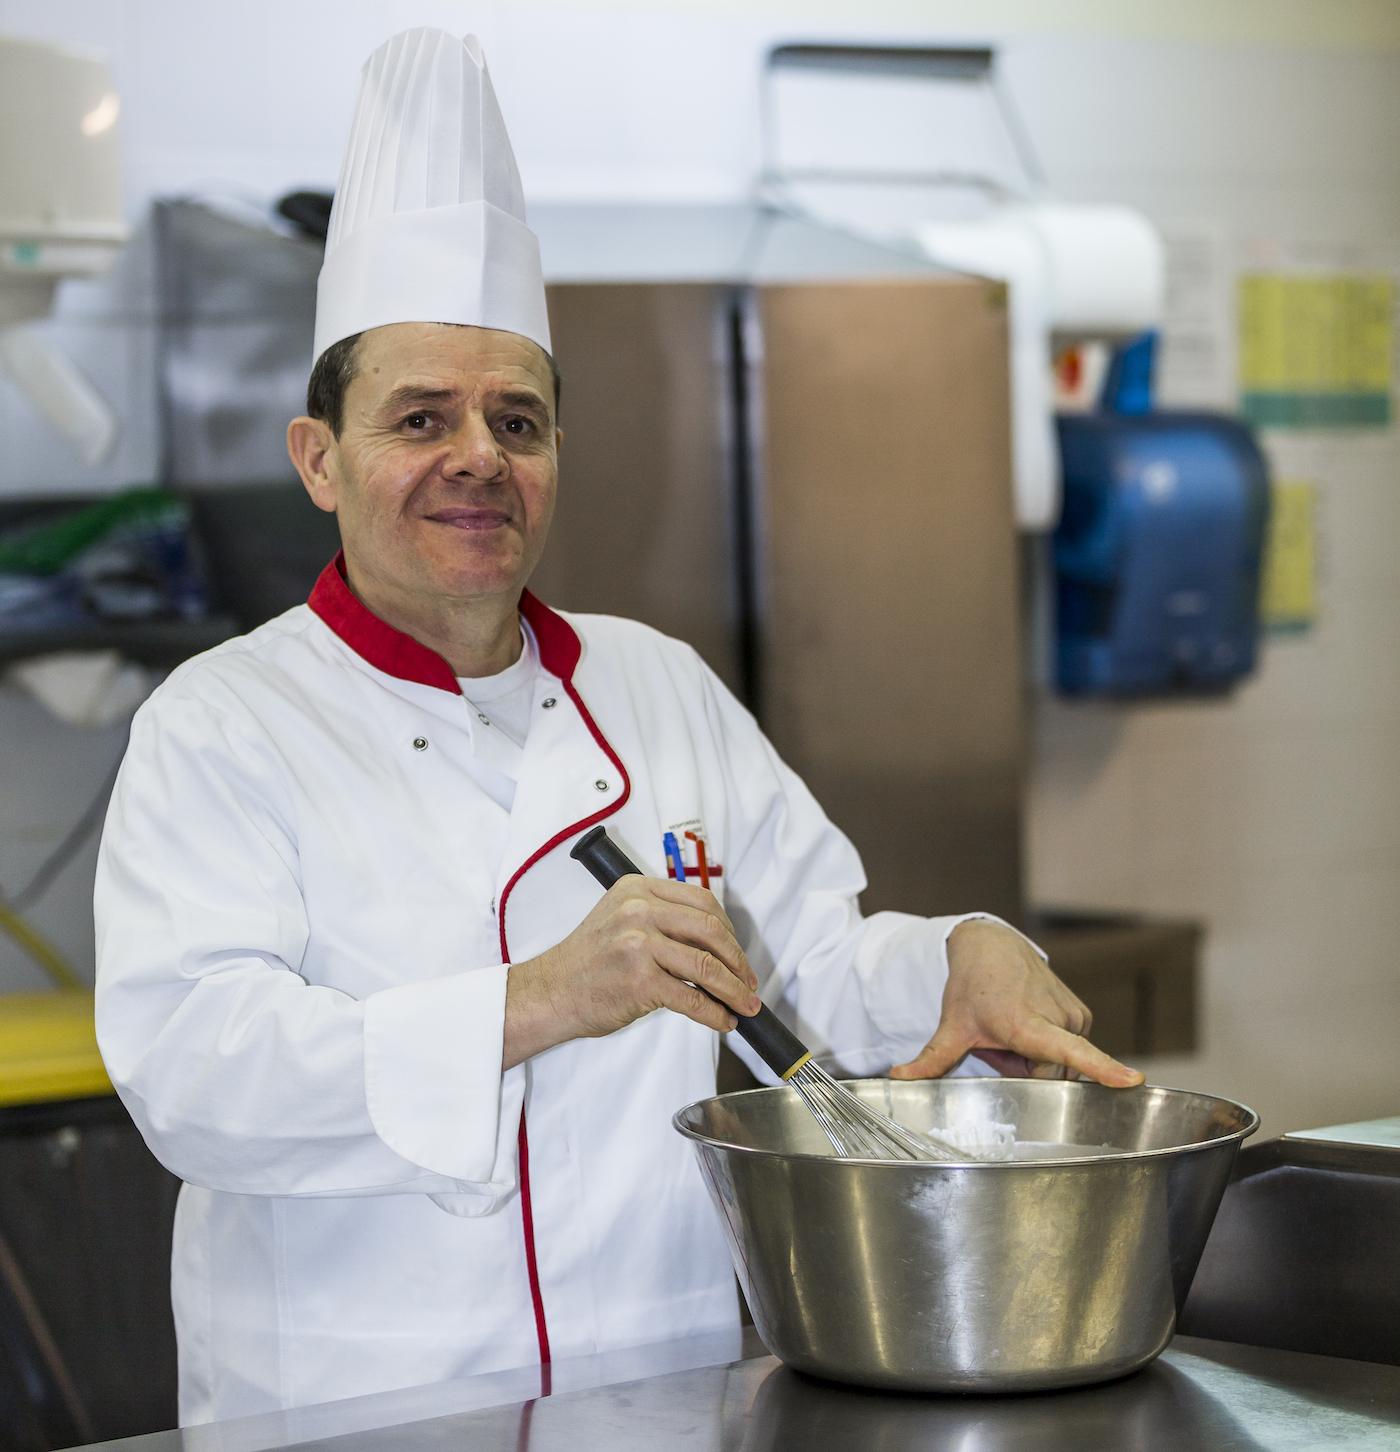 Le cuisinier fouette une préparation.